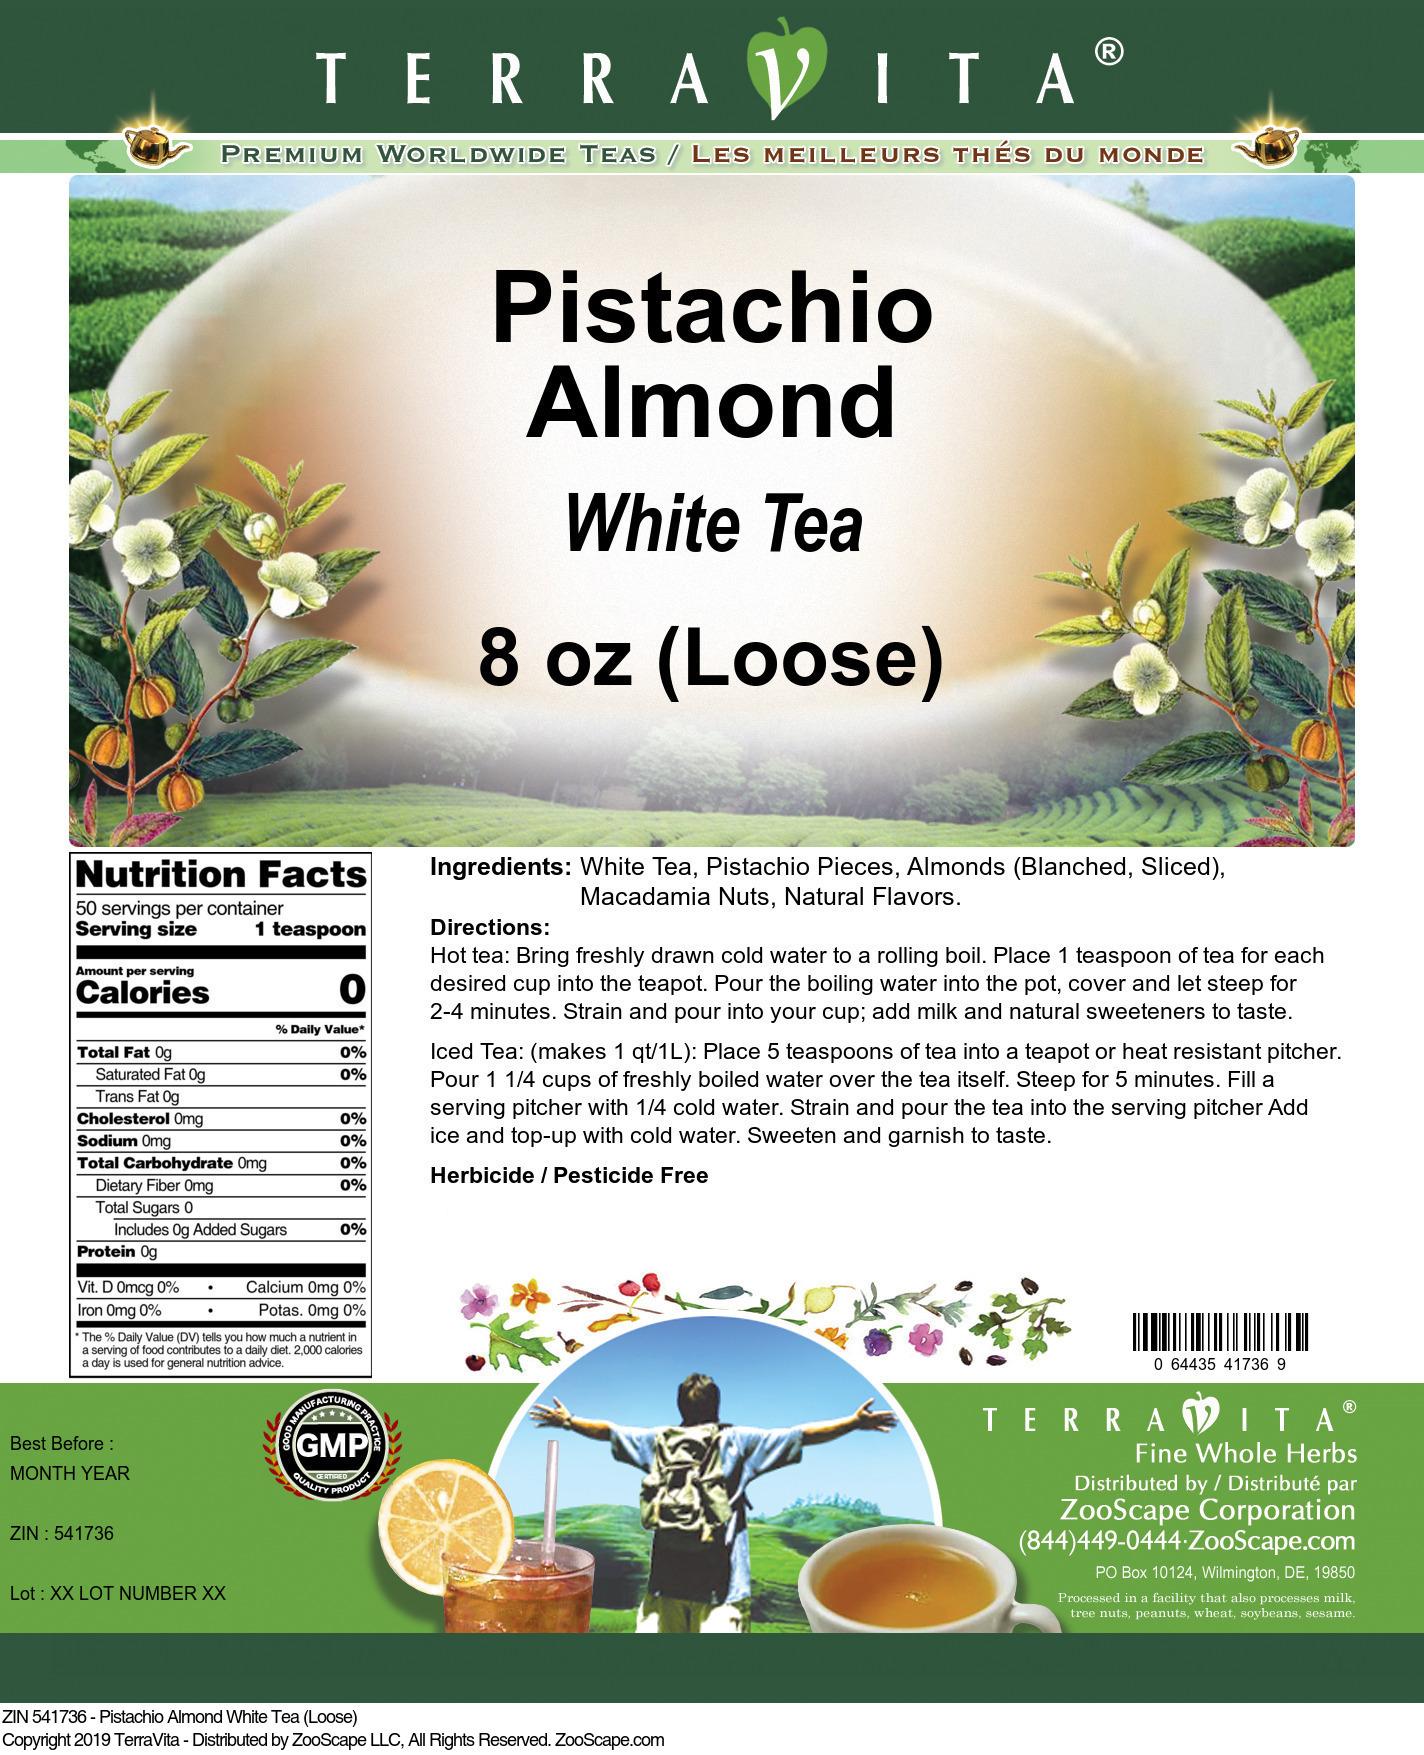 Pistachio Almond White Tea